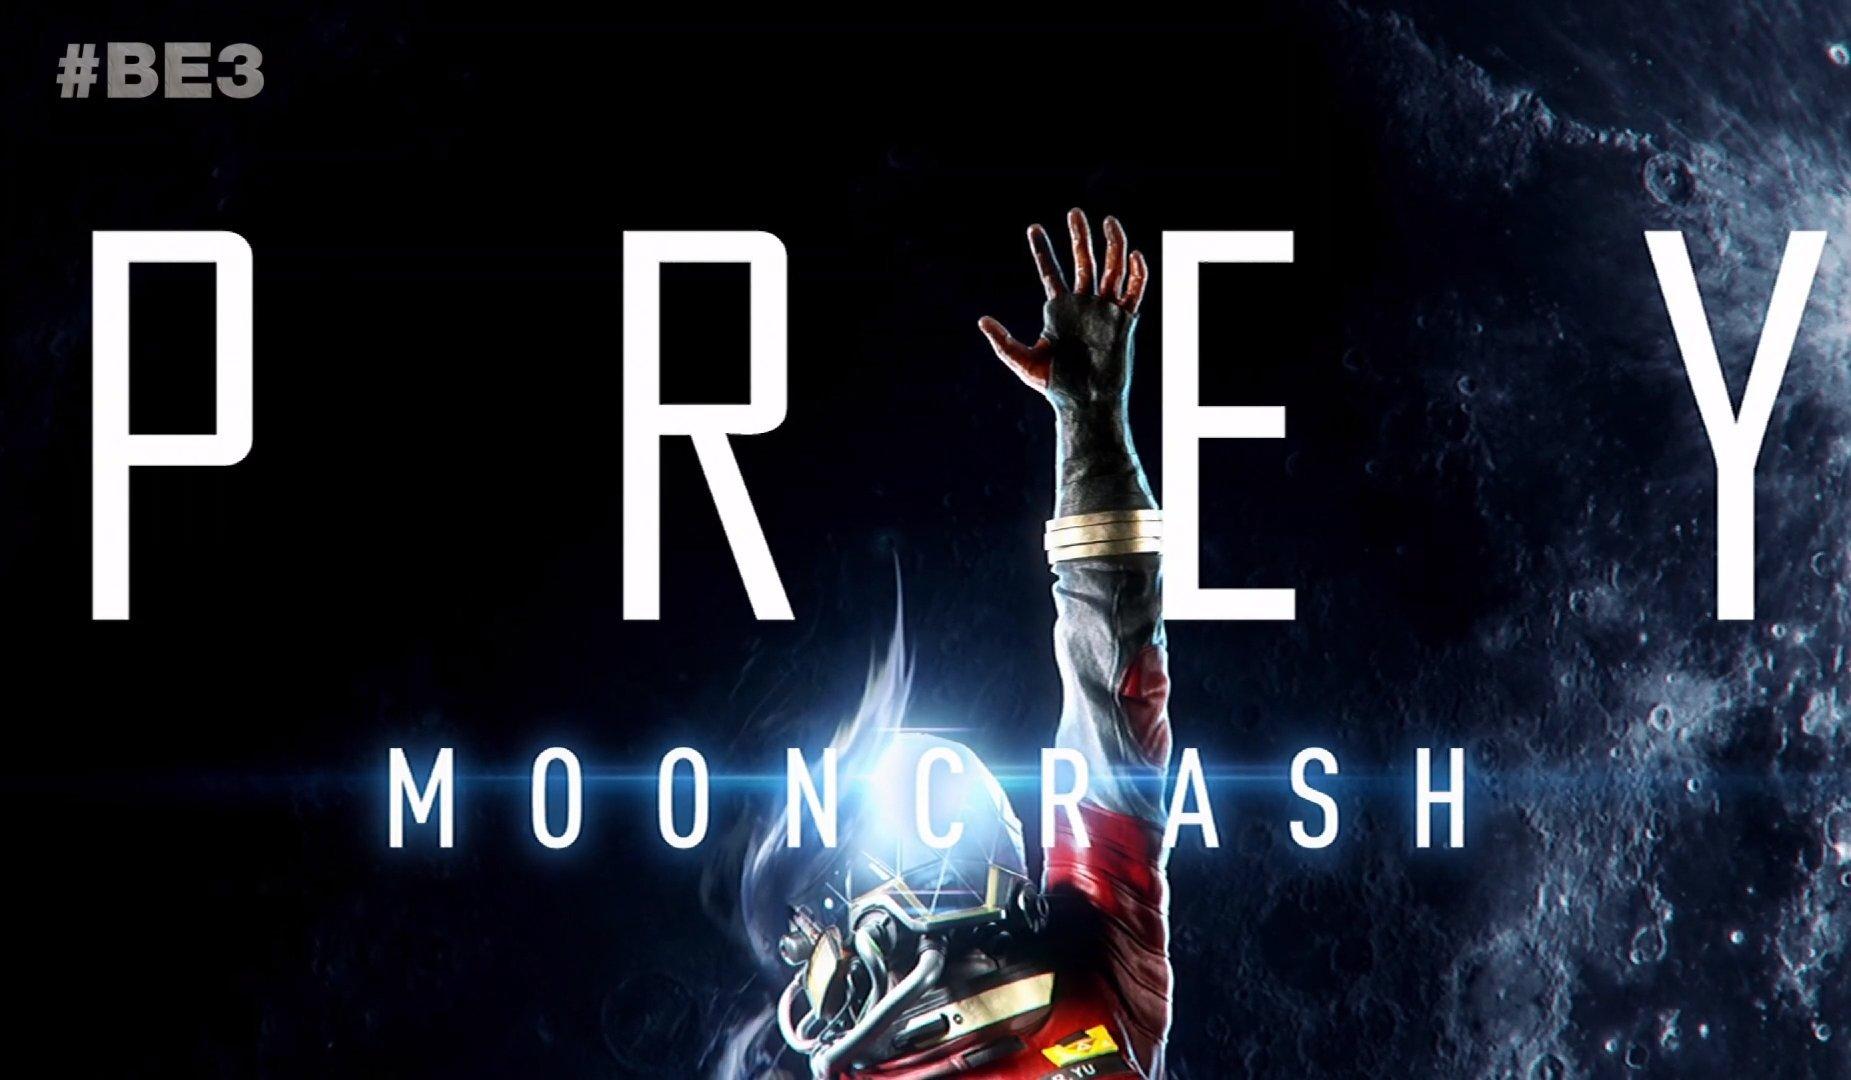 Mise à jour de Prey Mooncrash disponible maintenant